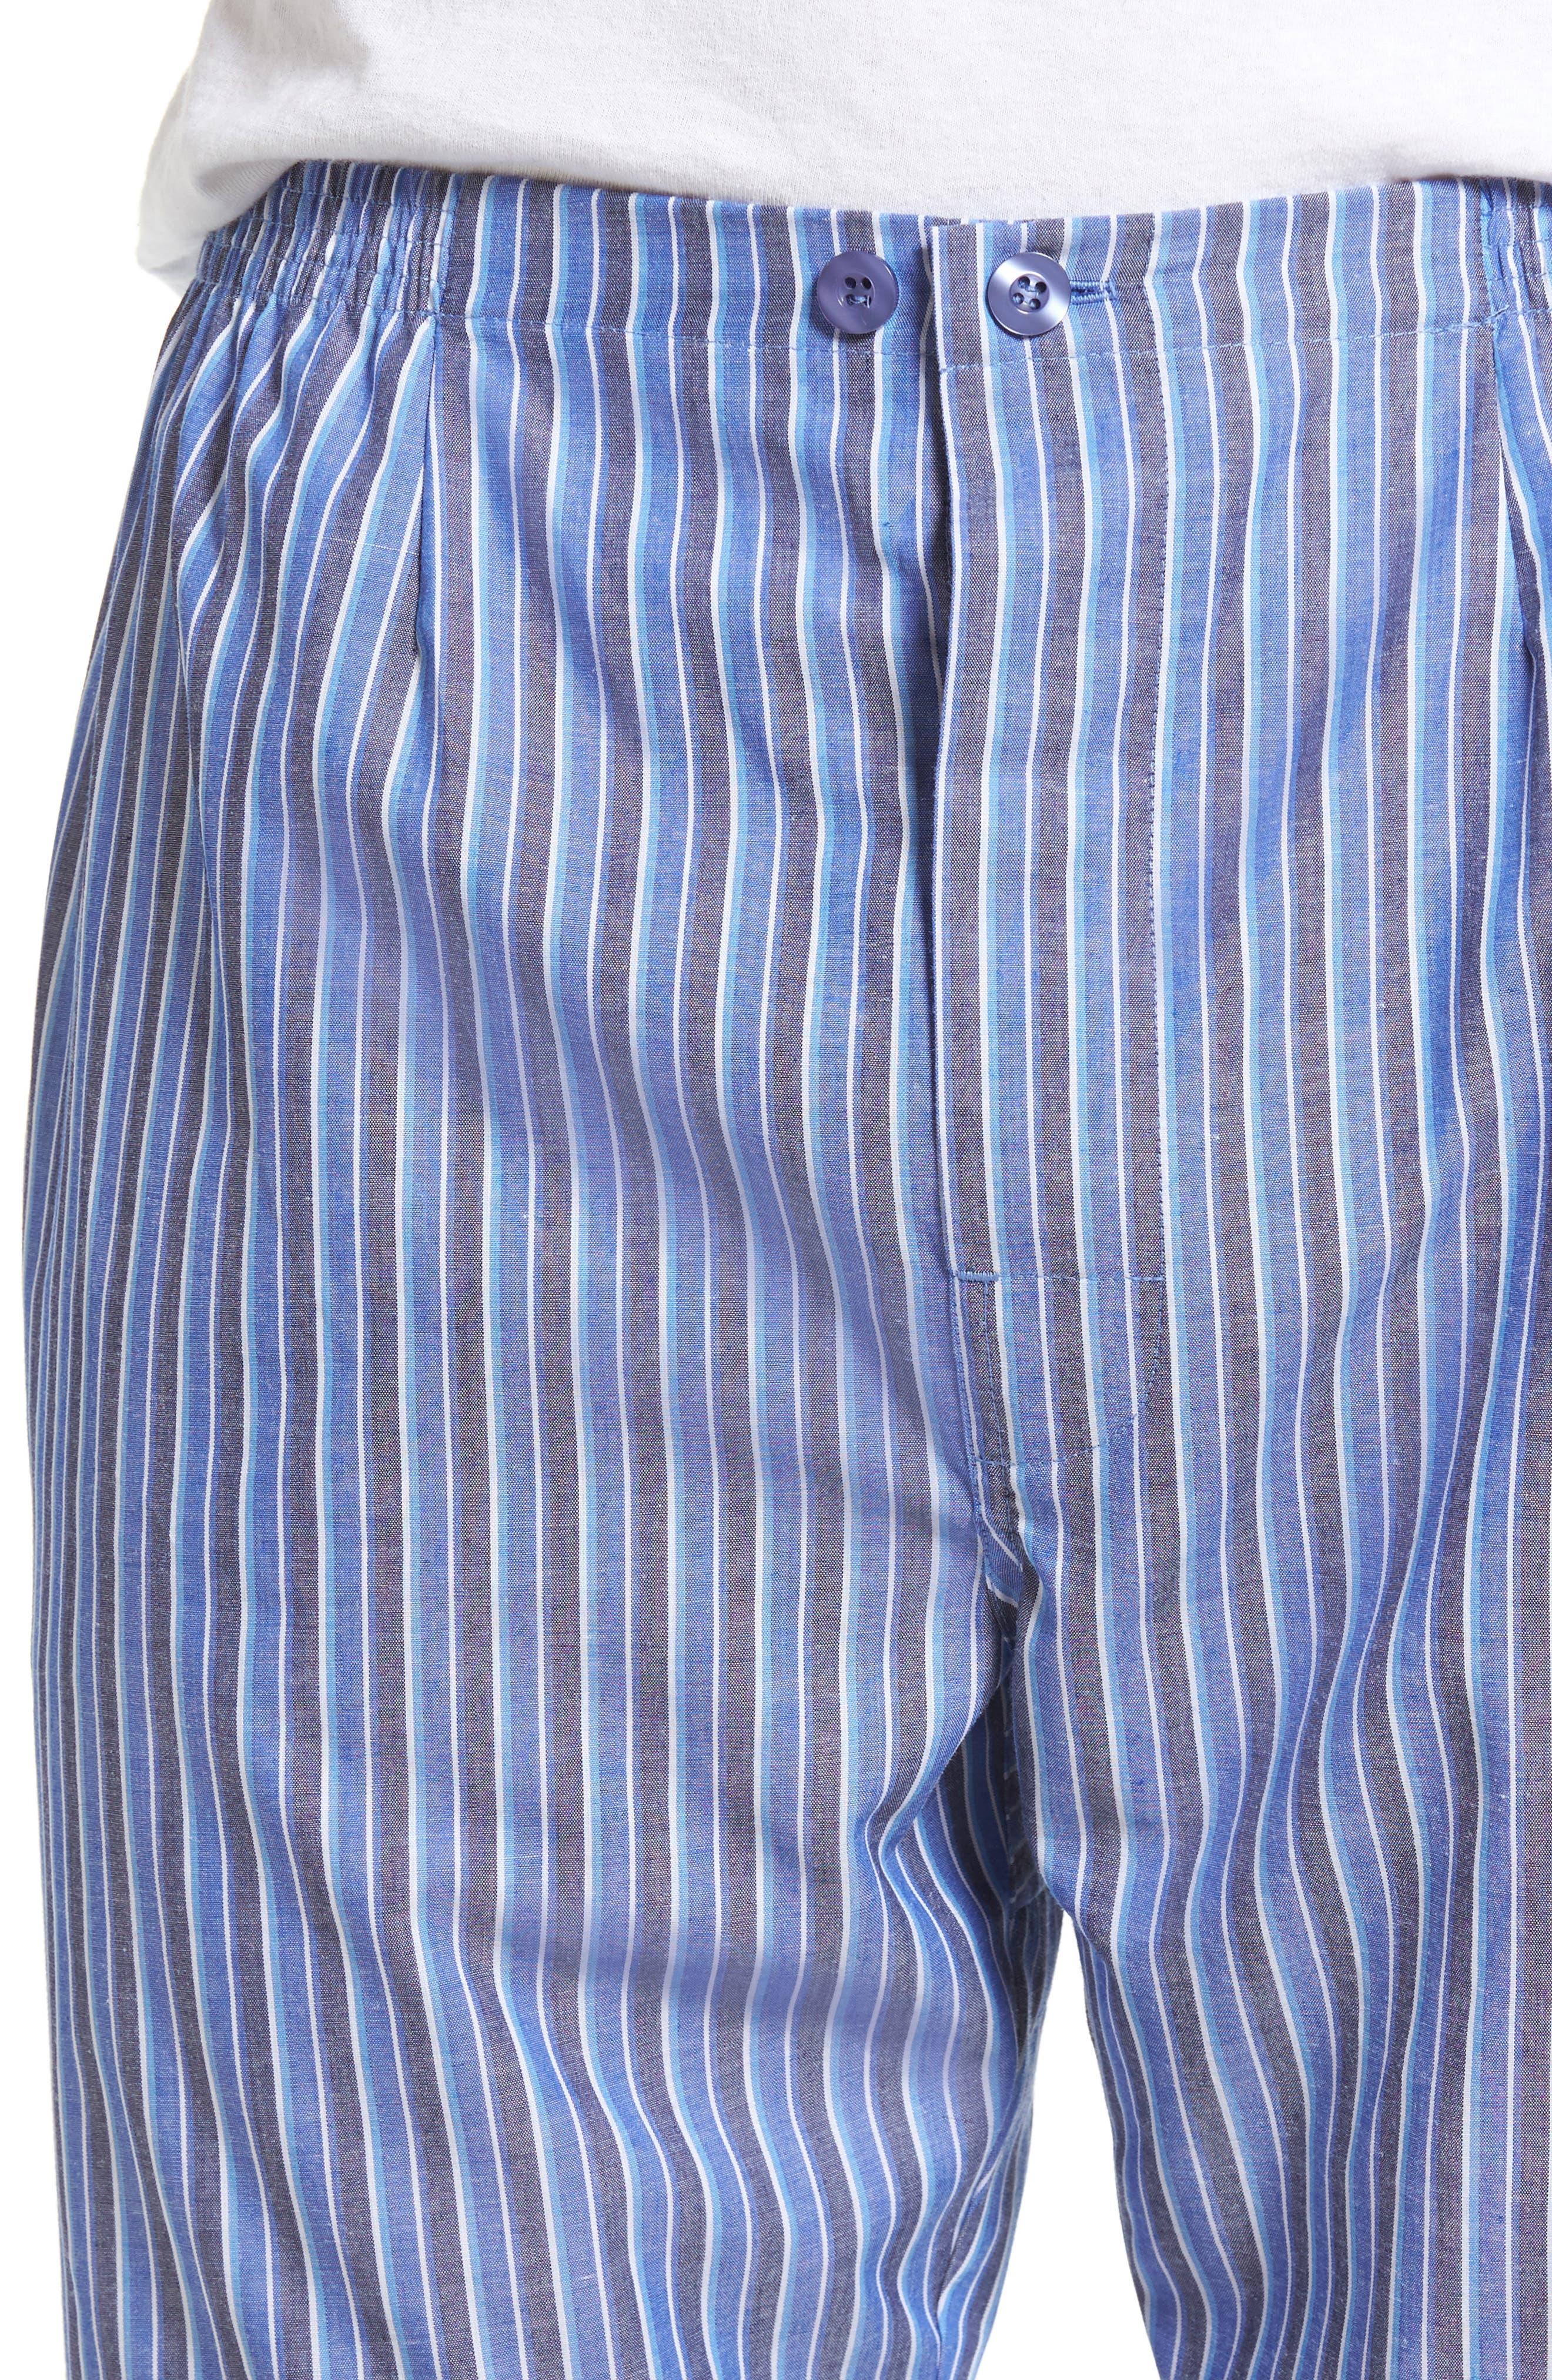 Cole Cotton Blend Pajama Set,                             Alternate thumbnail 4, color,